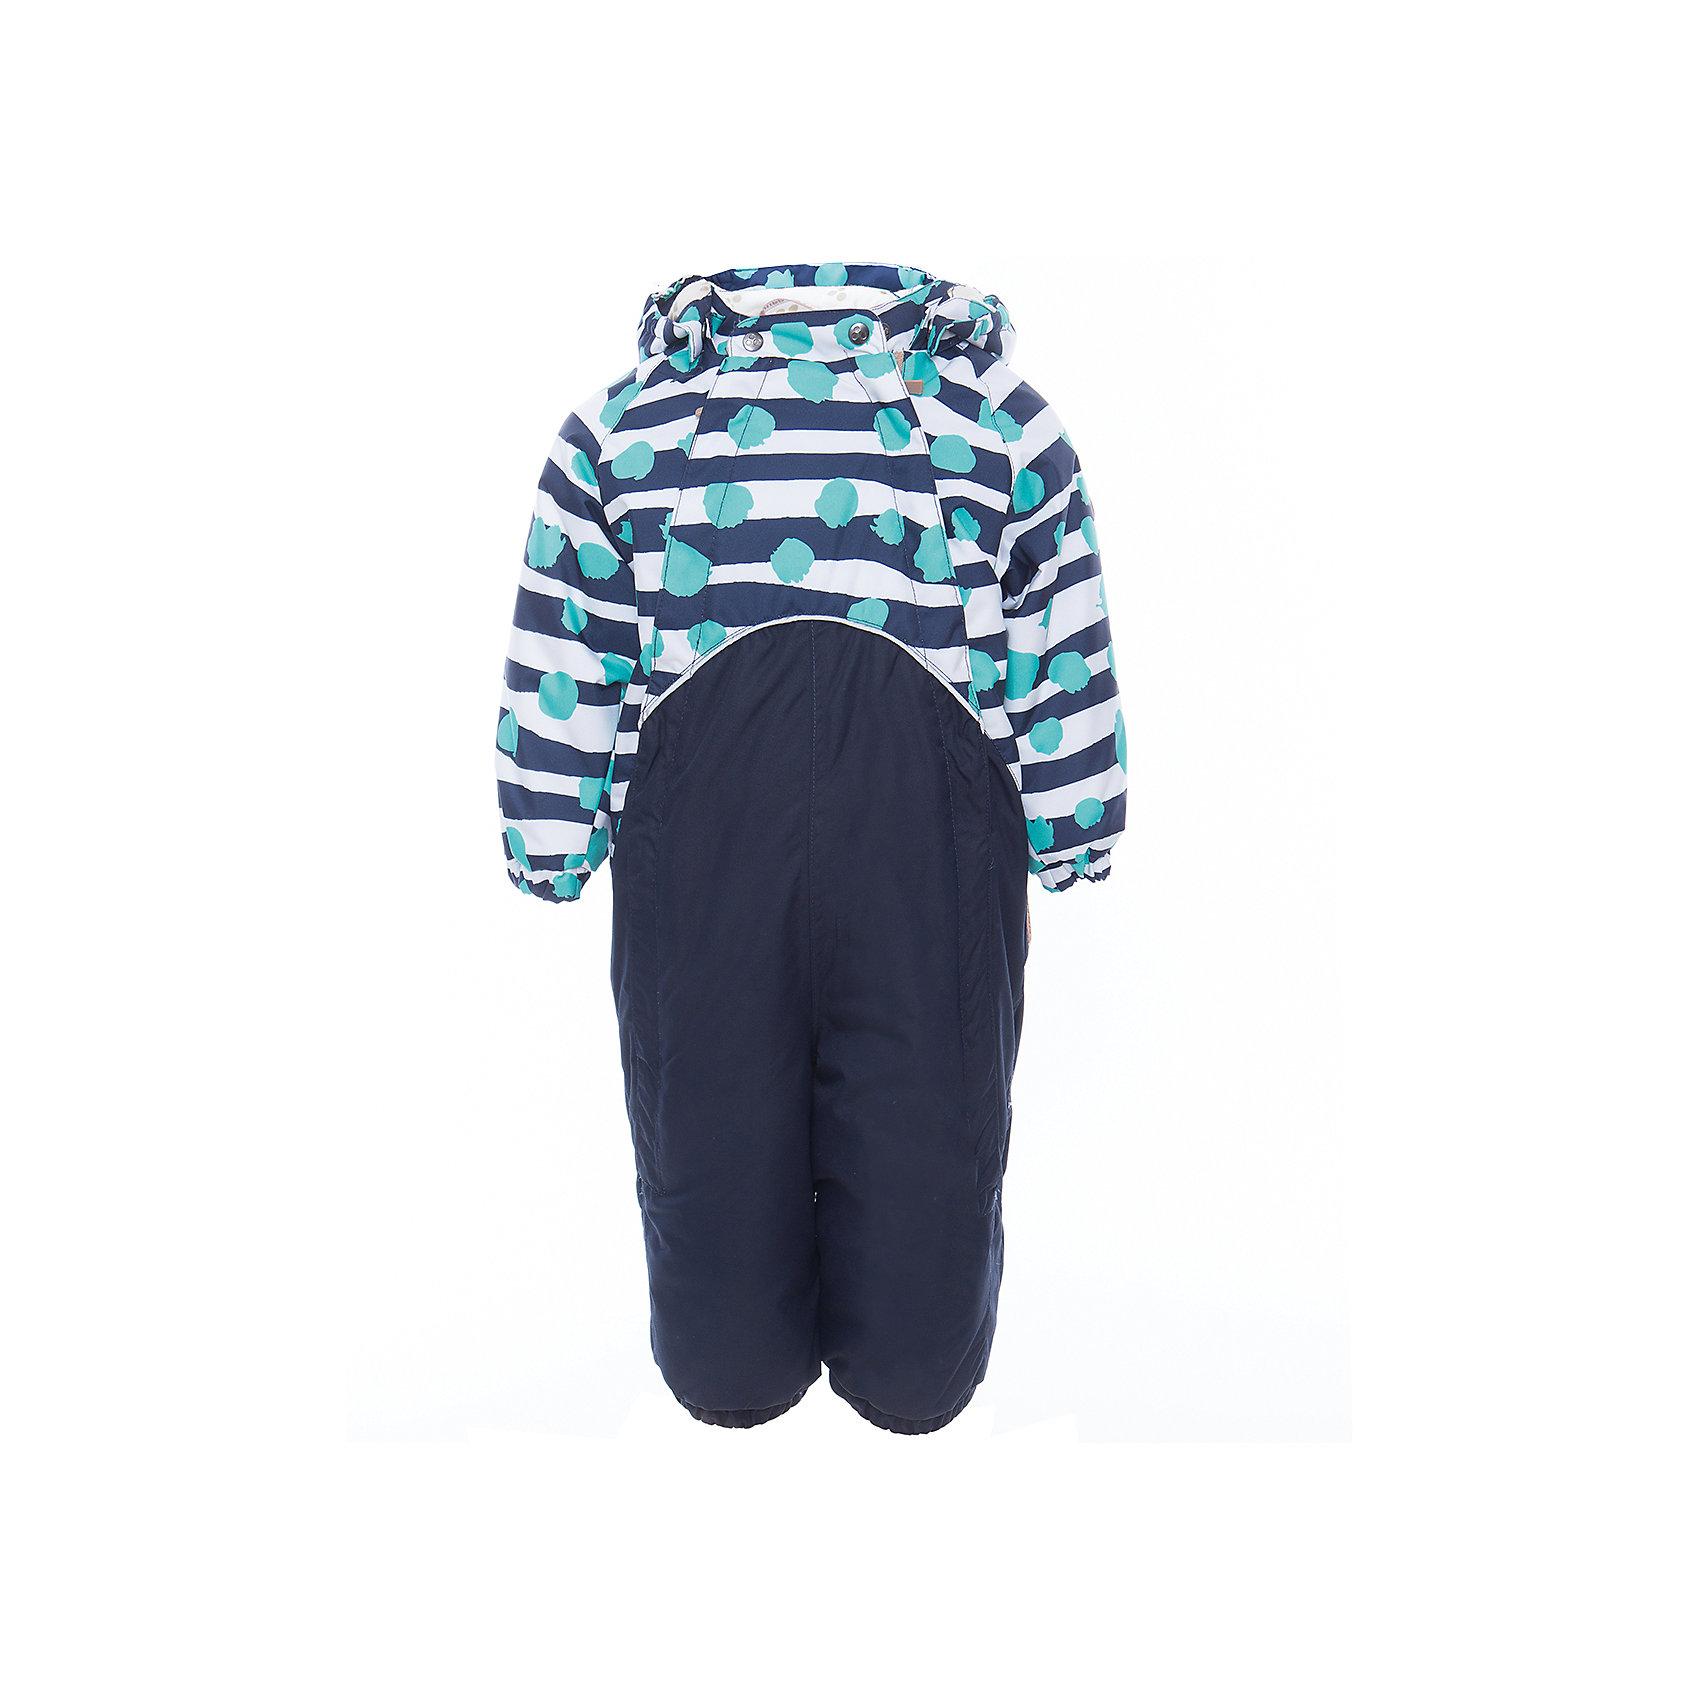 Комбинезон GOLDEN для мальчика HuppaВерхняя одежда<br>Характеристики товара:<br><br>• цвет: синий принт<br>• ткань: 100% полиэстер<br>• подкладка: фланель - 100% хлопок<br>• утеплитель: 100% полиэстер 100 г<br>• температурный режим: от -5°С до +10°С<br>• водонепроницаемость: 10000 мм<br>• воздухопроницаемость: 10000 мм<br>• светоотражающие детали<br>• мягкая подкладка<br>• шов сидения и боковые швы проклеены<br>• съёмный капюшон с резинкой<br>• манжеты рукавов с резинкой<br>• манжеты с отворотом у размеров 62-80<br>• манжеты брюк с резинкой<br>• съёмные эластичные штрипки<br>• без внутренних швов<br>• коллекция: весна-лето 2017<br>• страна бренда: Эстония<br><br>Этот удобный комбинезон обеспечит детям тепло и комфорт. Он сделан из материала, отталкивающего воду, и дополнен подкладкой с утеплителем, поэтому изделие идеально подходит для межсезонья. Материал изделия - с мембранной технологией: защищая от влаги и ветра, он легко выводит лишнюю влагу наружу. Комбинезон очень симпатично смотрится. <br><br>Одежда и обувь от популярного эстонского бренда Huppa - отличный вариант одеть ребенка можно и комфортно. Вещи, выпускаемые компанией, качественные, продуманные и очень удобные. Для производства изделий используются только безопасные для детей материалы. Продукция от Huppa порадует и детей, и их родителей!<br><br>Комбинезон GOLDEN от бренда Huppa (Хуппа) можно купить в нашем интернет-магазине.<br><br>Ширина мм: 356<br>Глубина мм: 10<br>Высота мм: 245<br>Вес г: 519<br>Цвет: синий<br>Возраст от месяцев: 24<br>Возраст до месяцев: 36<br>Пол: Мужской<br>Возраст: Детский<br>Размер: 98,80,86,92,74<br>SKU: 5346500